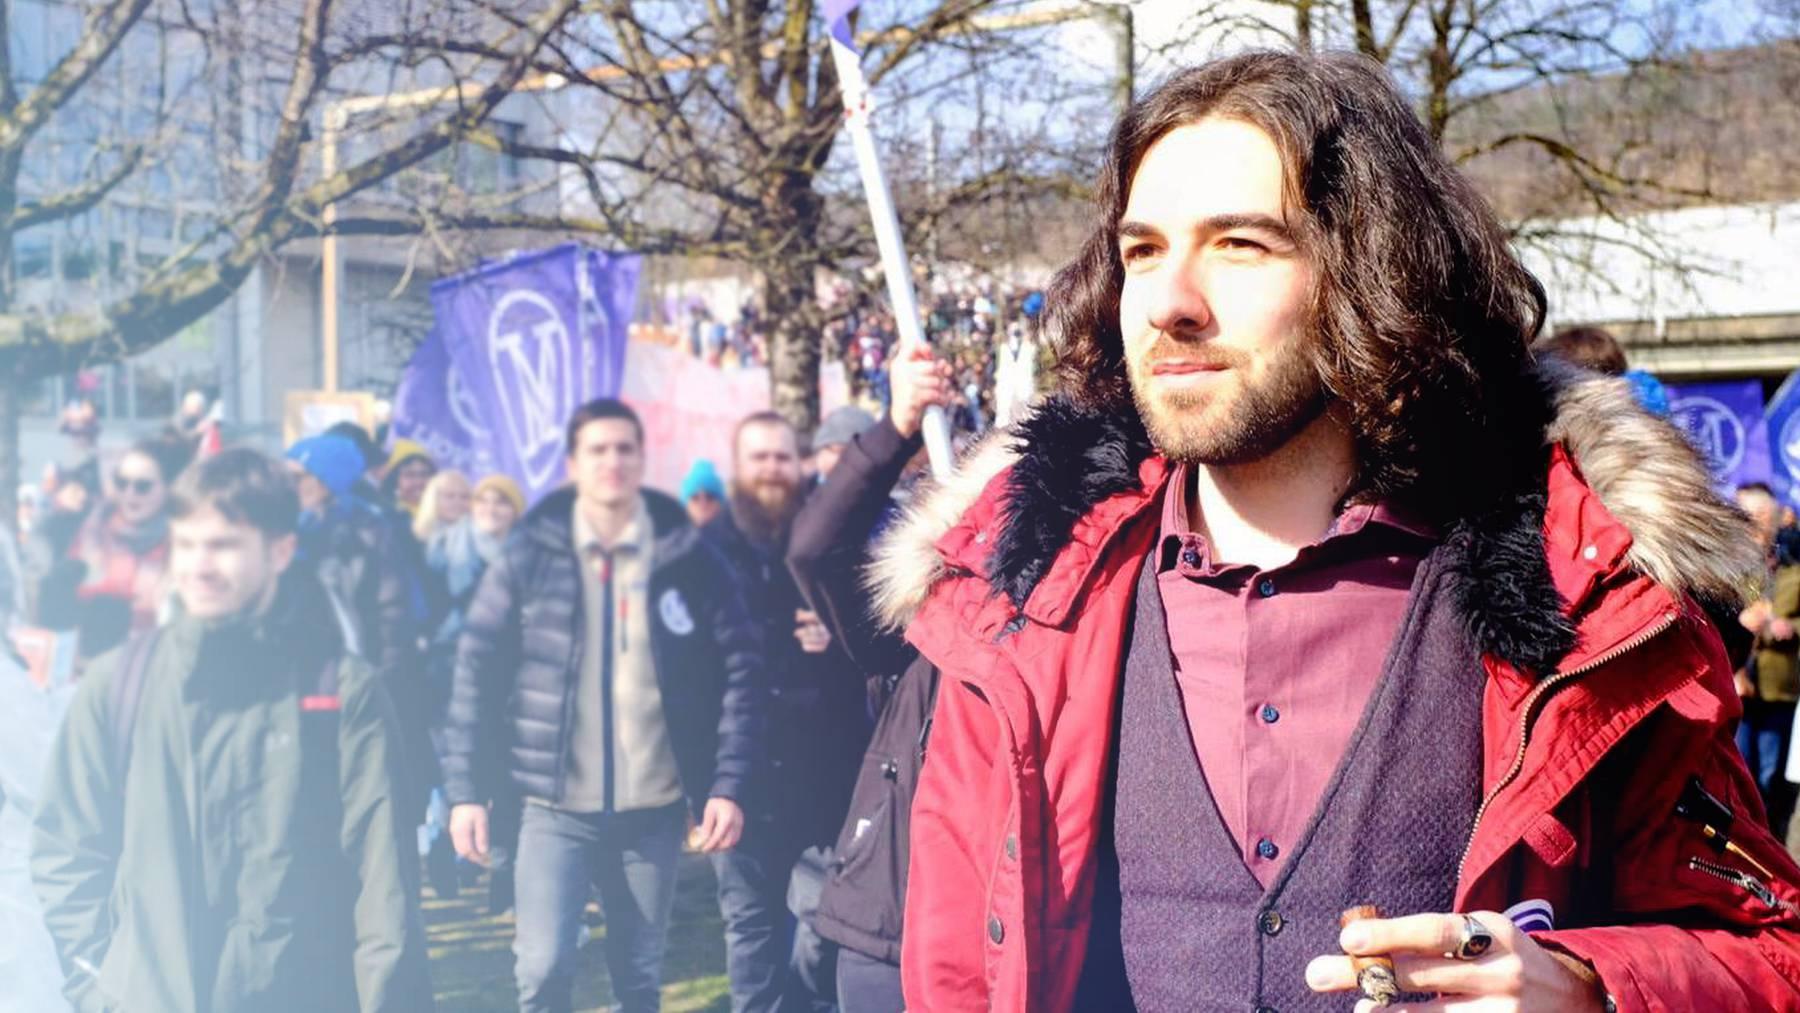 Ewige Demos in Bern: Nicolas Rimoldi von der Organisation Mass-Voll nimmt Stellung